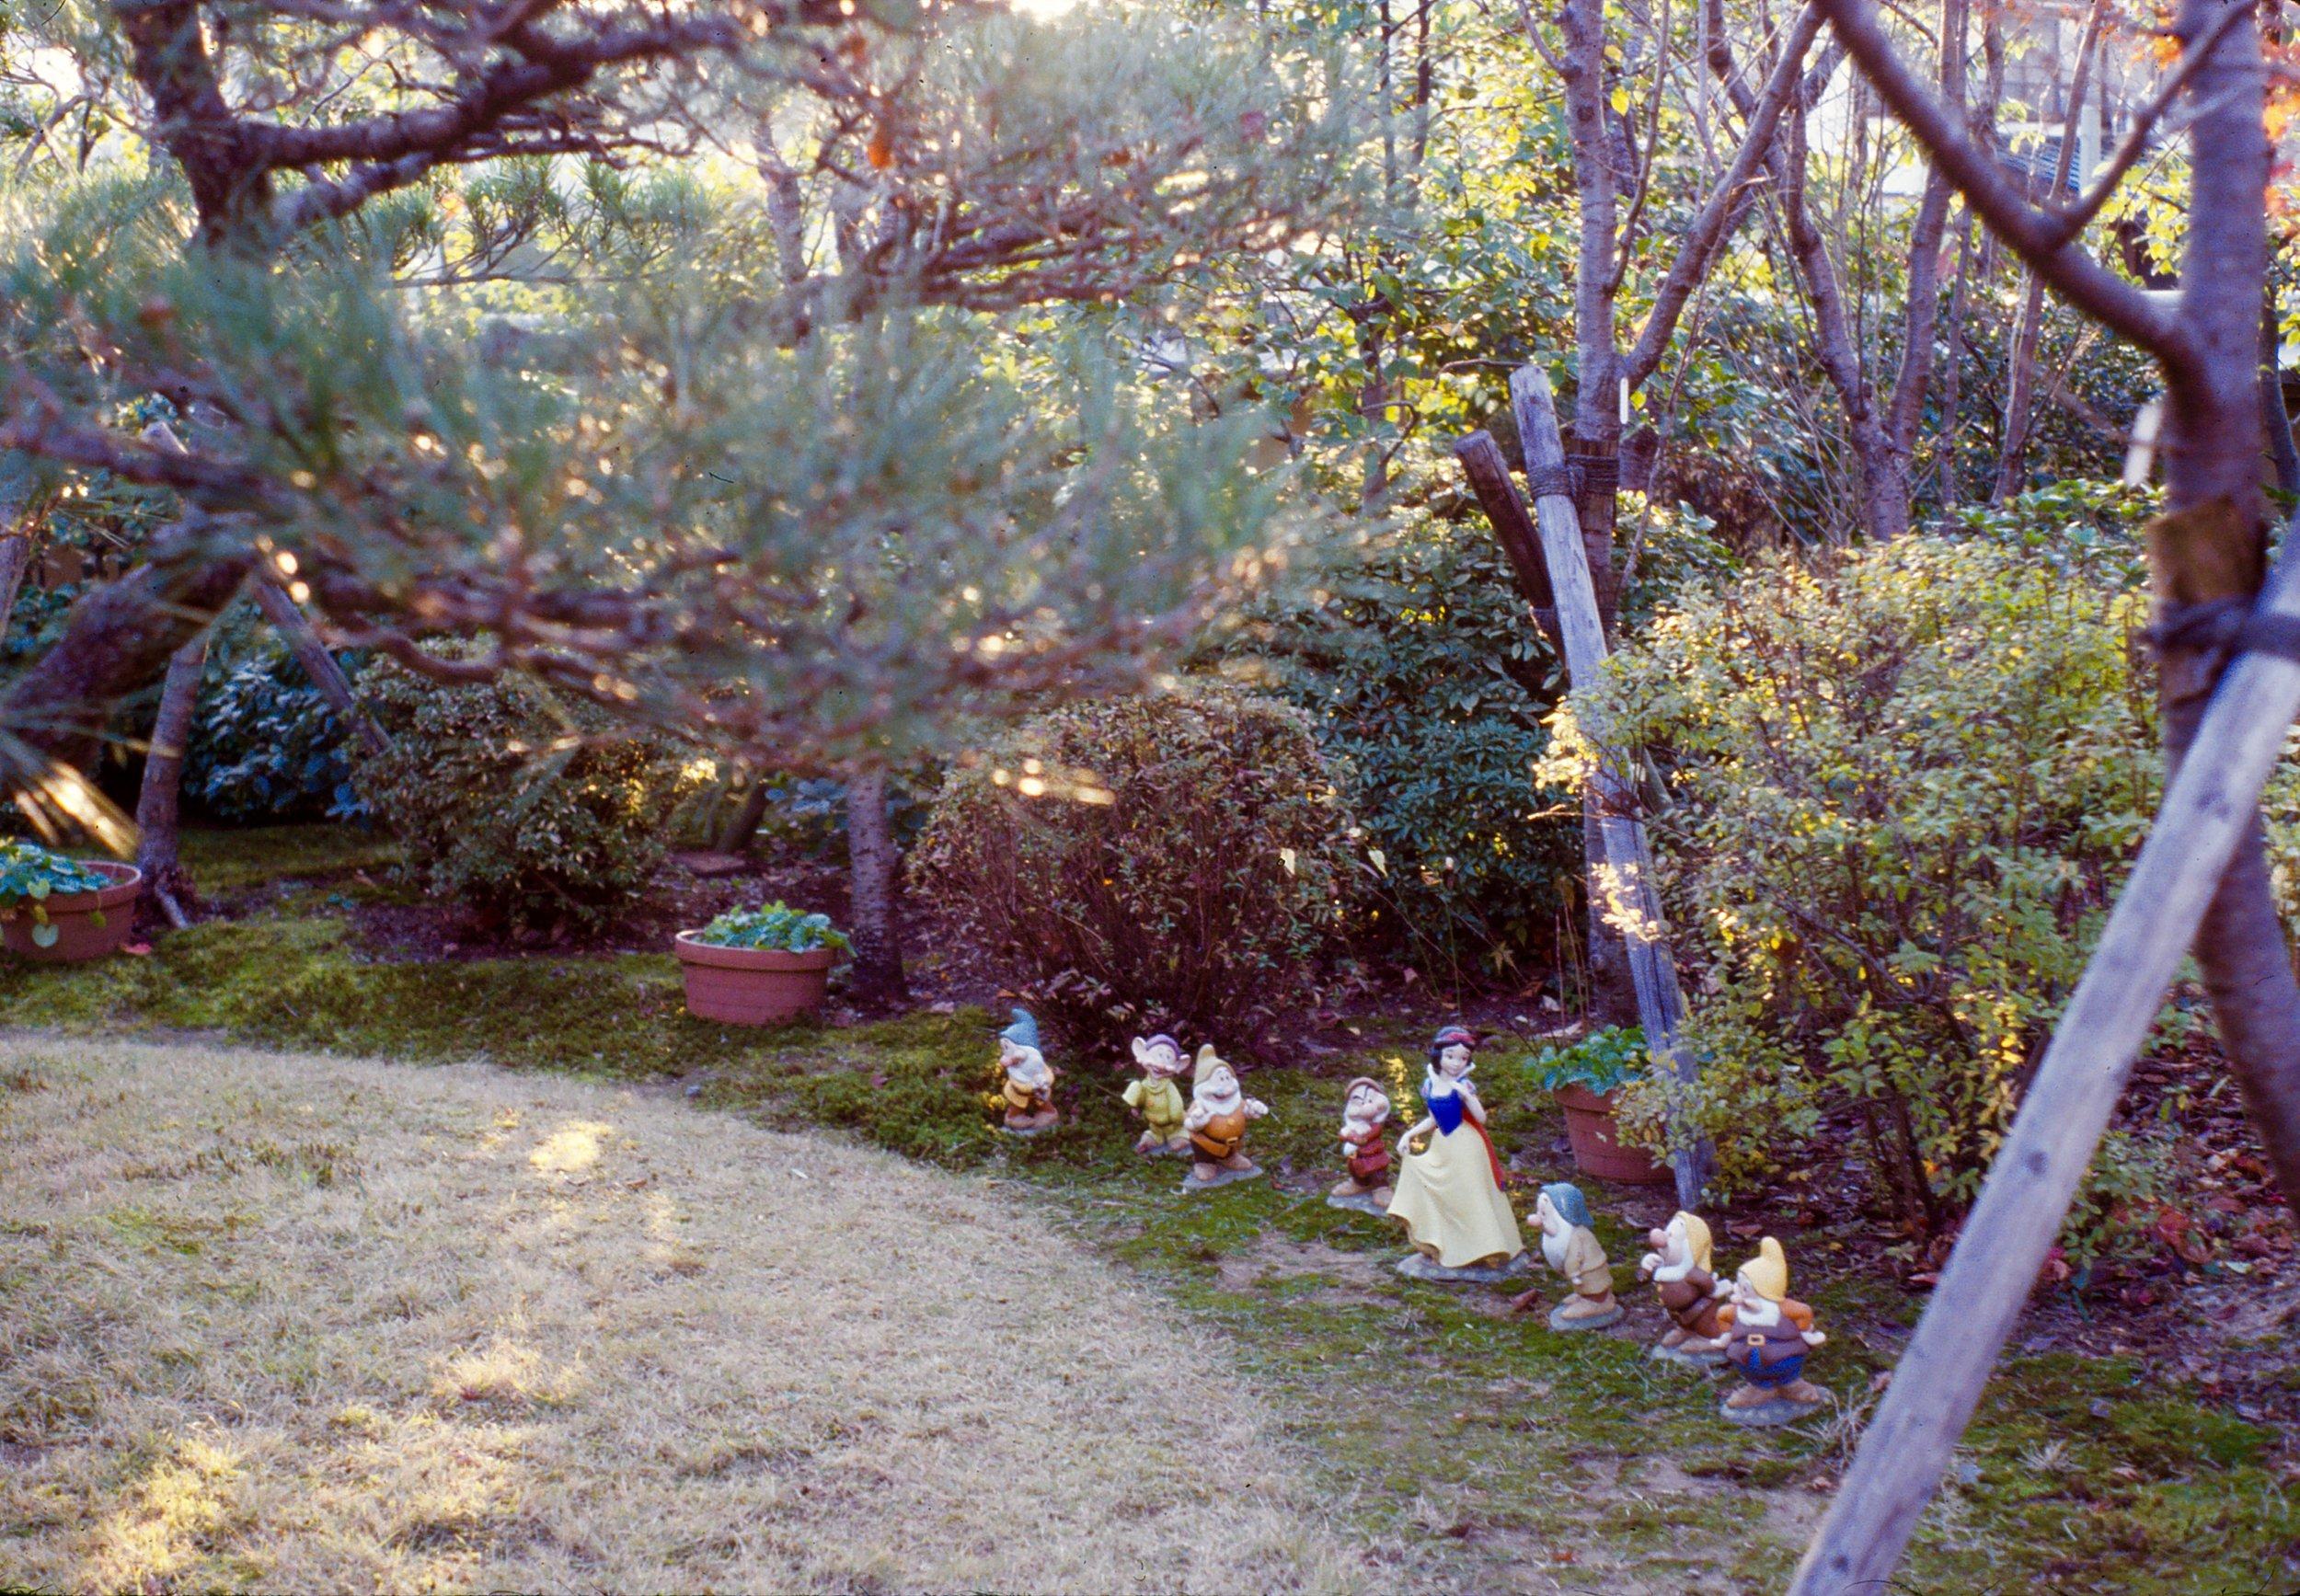 Shirayuki-hime to shichi-nin no kobito-tachi, Snow White and the Seven Dwarfs